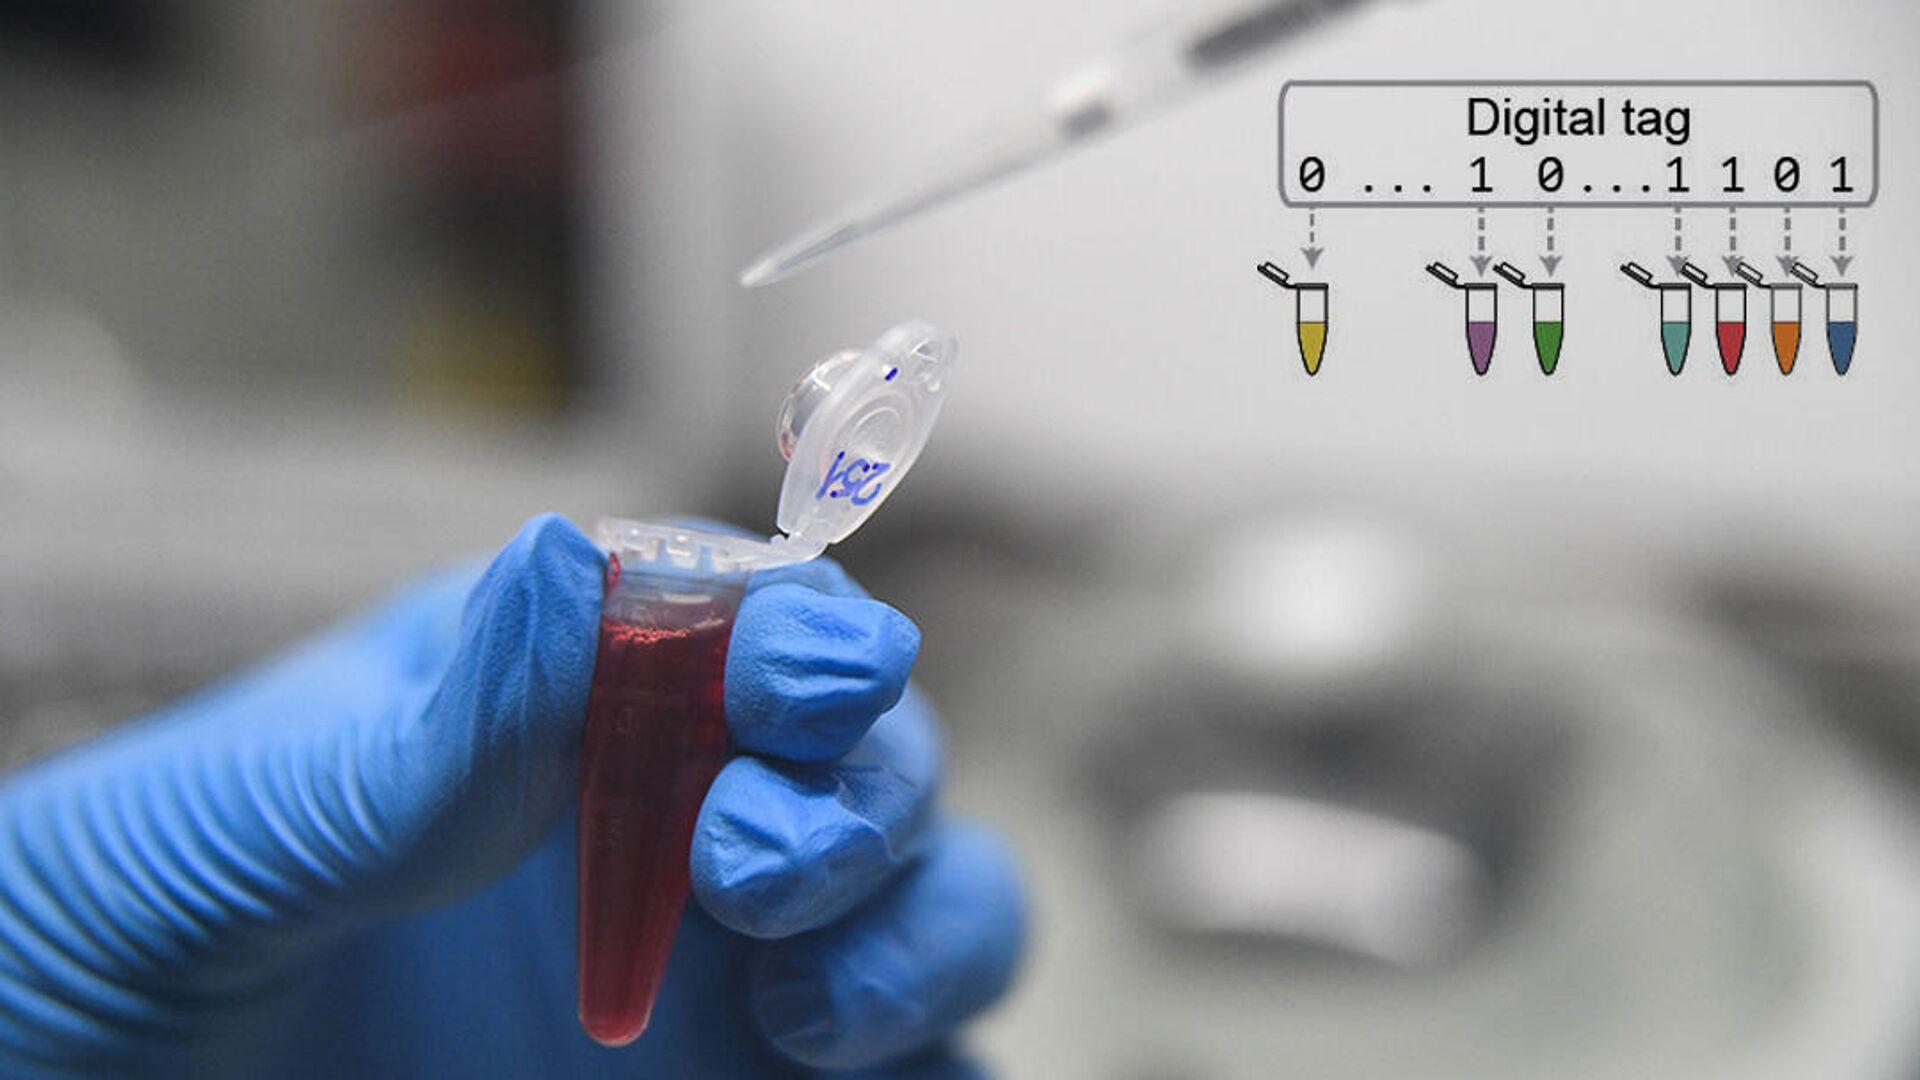 Система молекулярной маркировки на основе ДНК может заменить печатные штрих-коды - РИА Новости, 1920, 03.11.2020